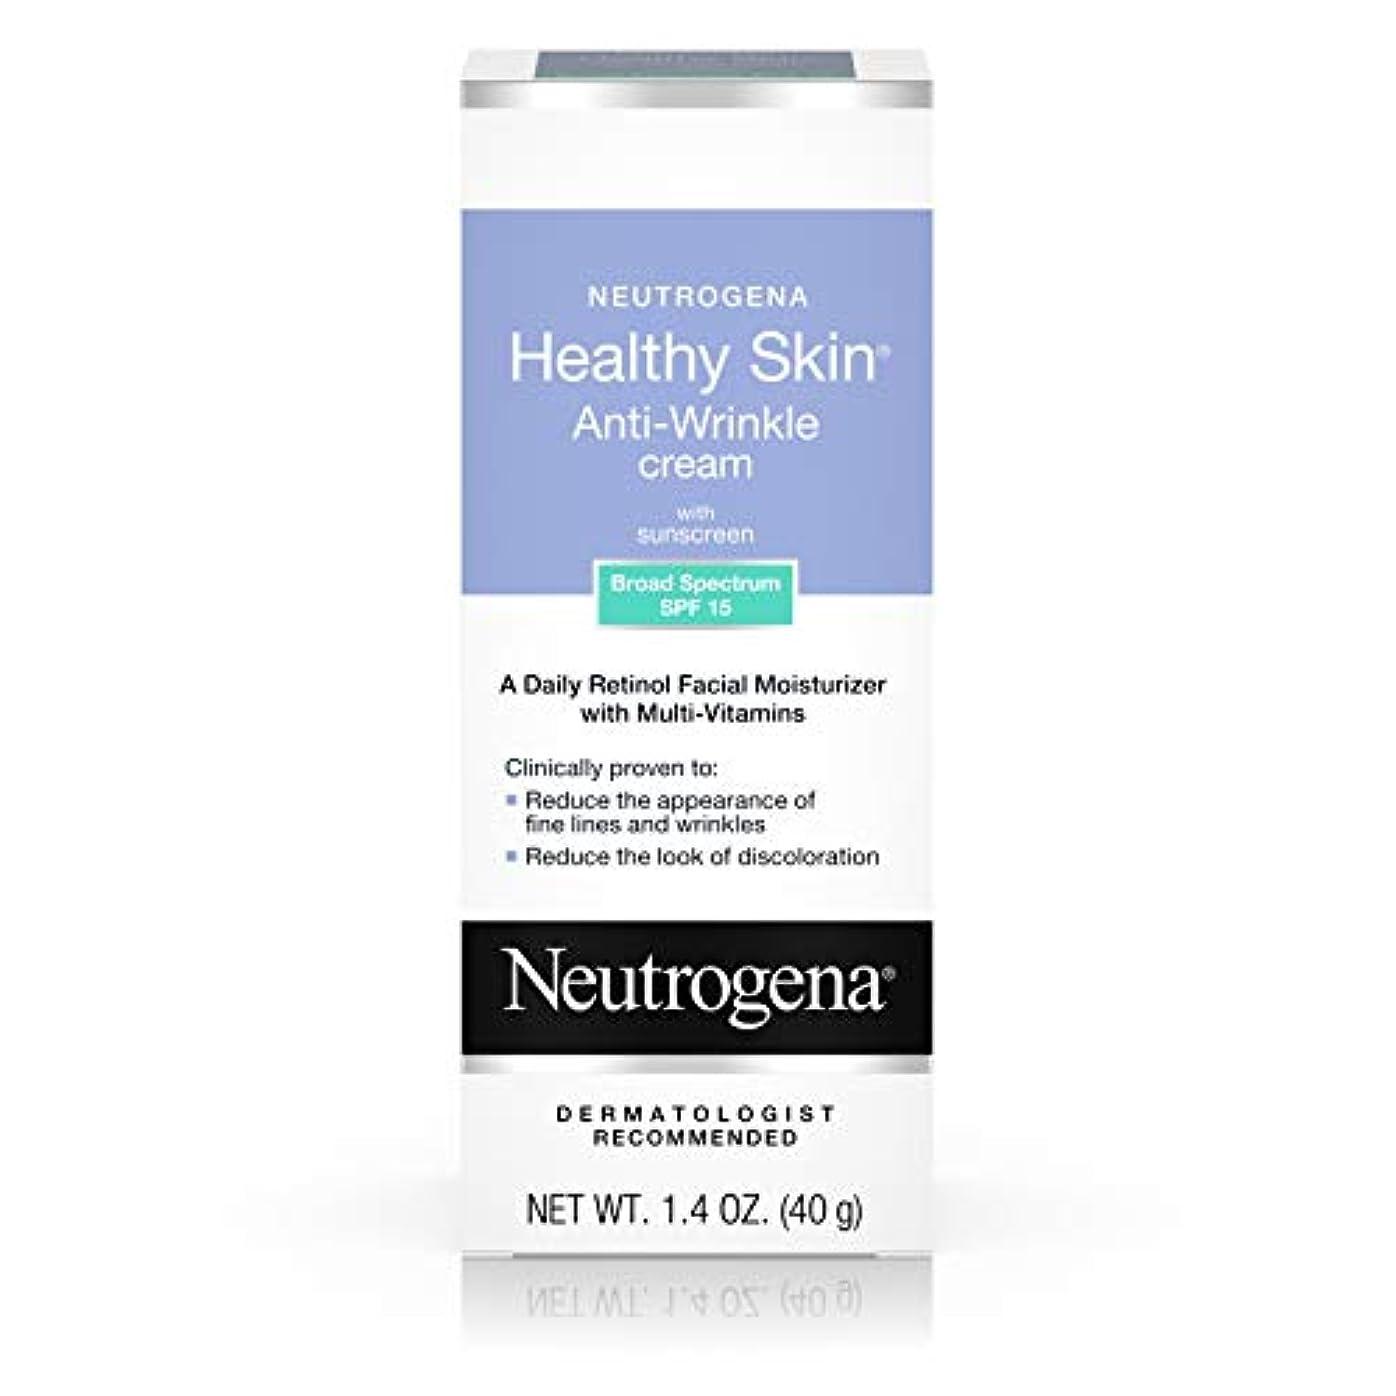 置き場湿気の多いコンパニオンNeutrogena Healthy Skin Anti-Wrinkle Cream SPF#15 40 ml (並行輸入品)